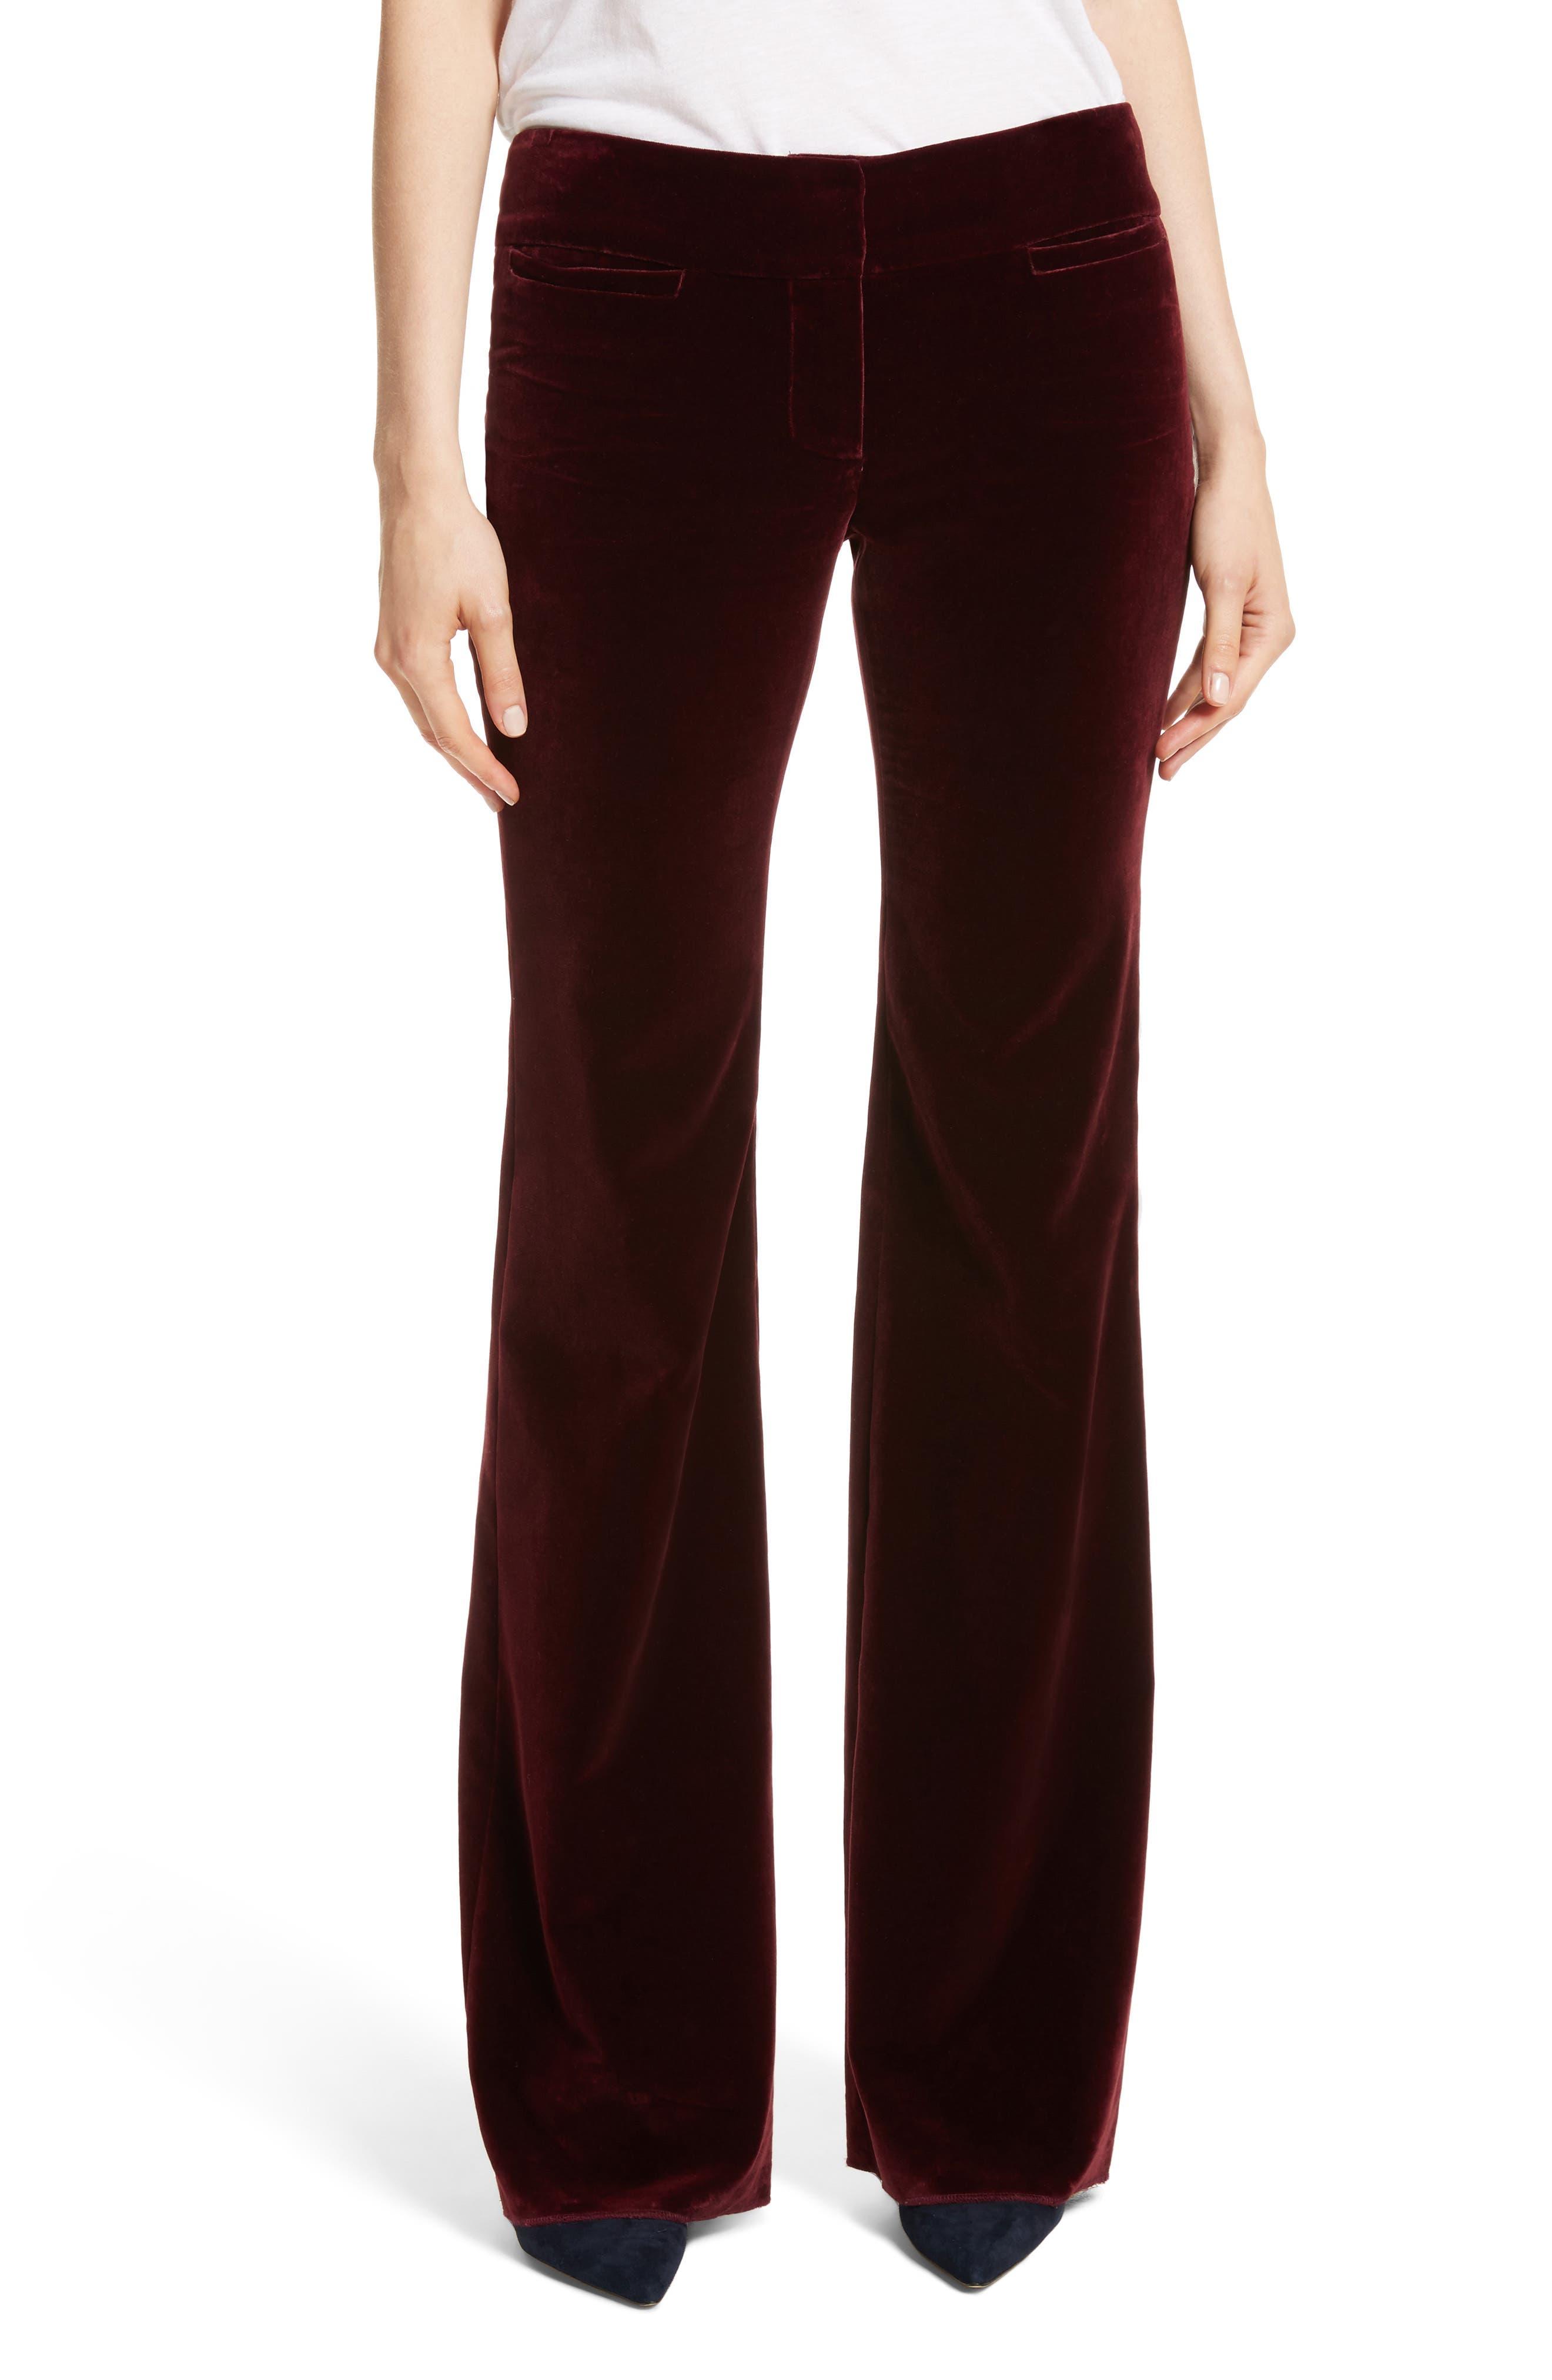 Amoire Velvet Flare Pants,                             Main thumbnail 1, color,                             Burgundy